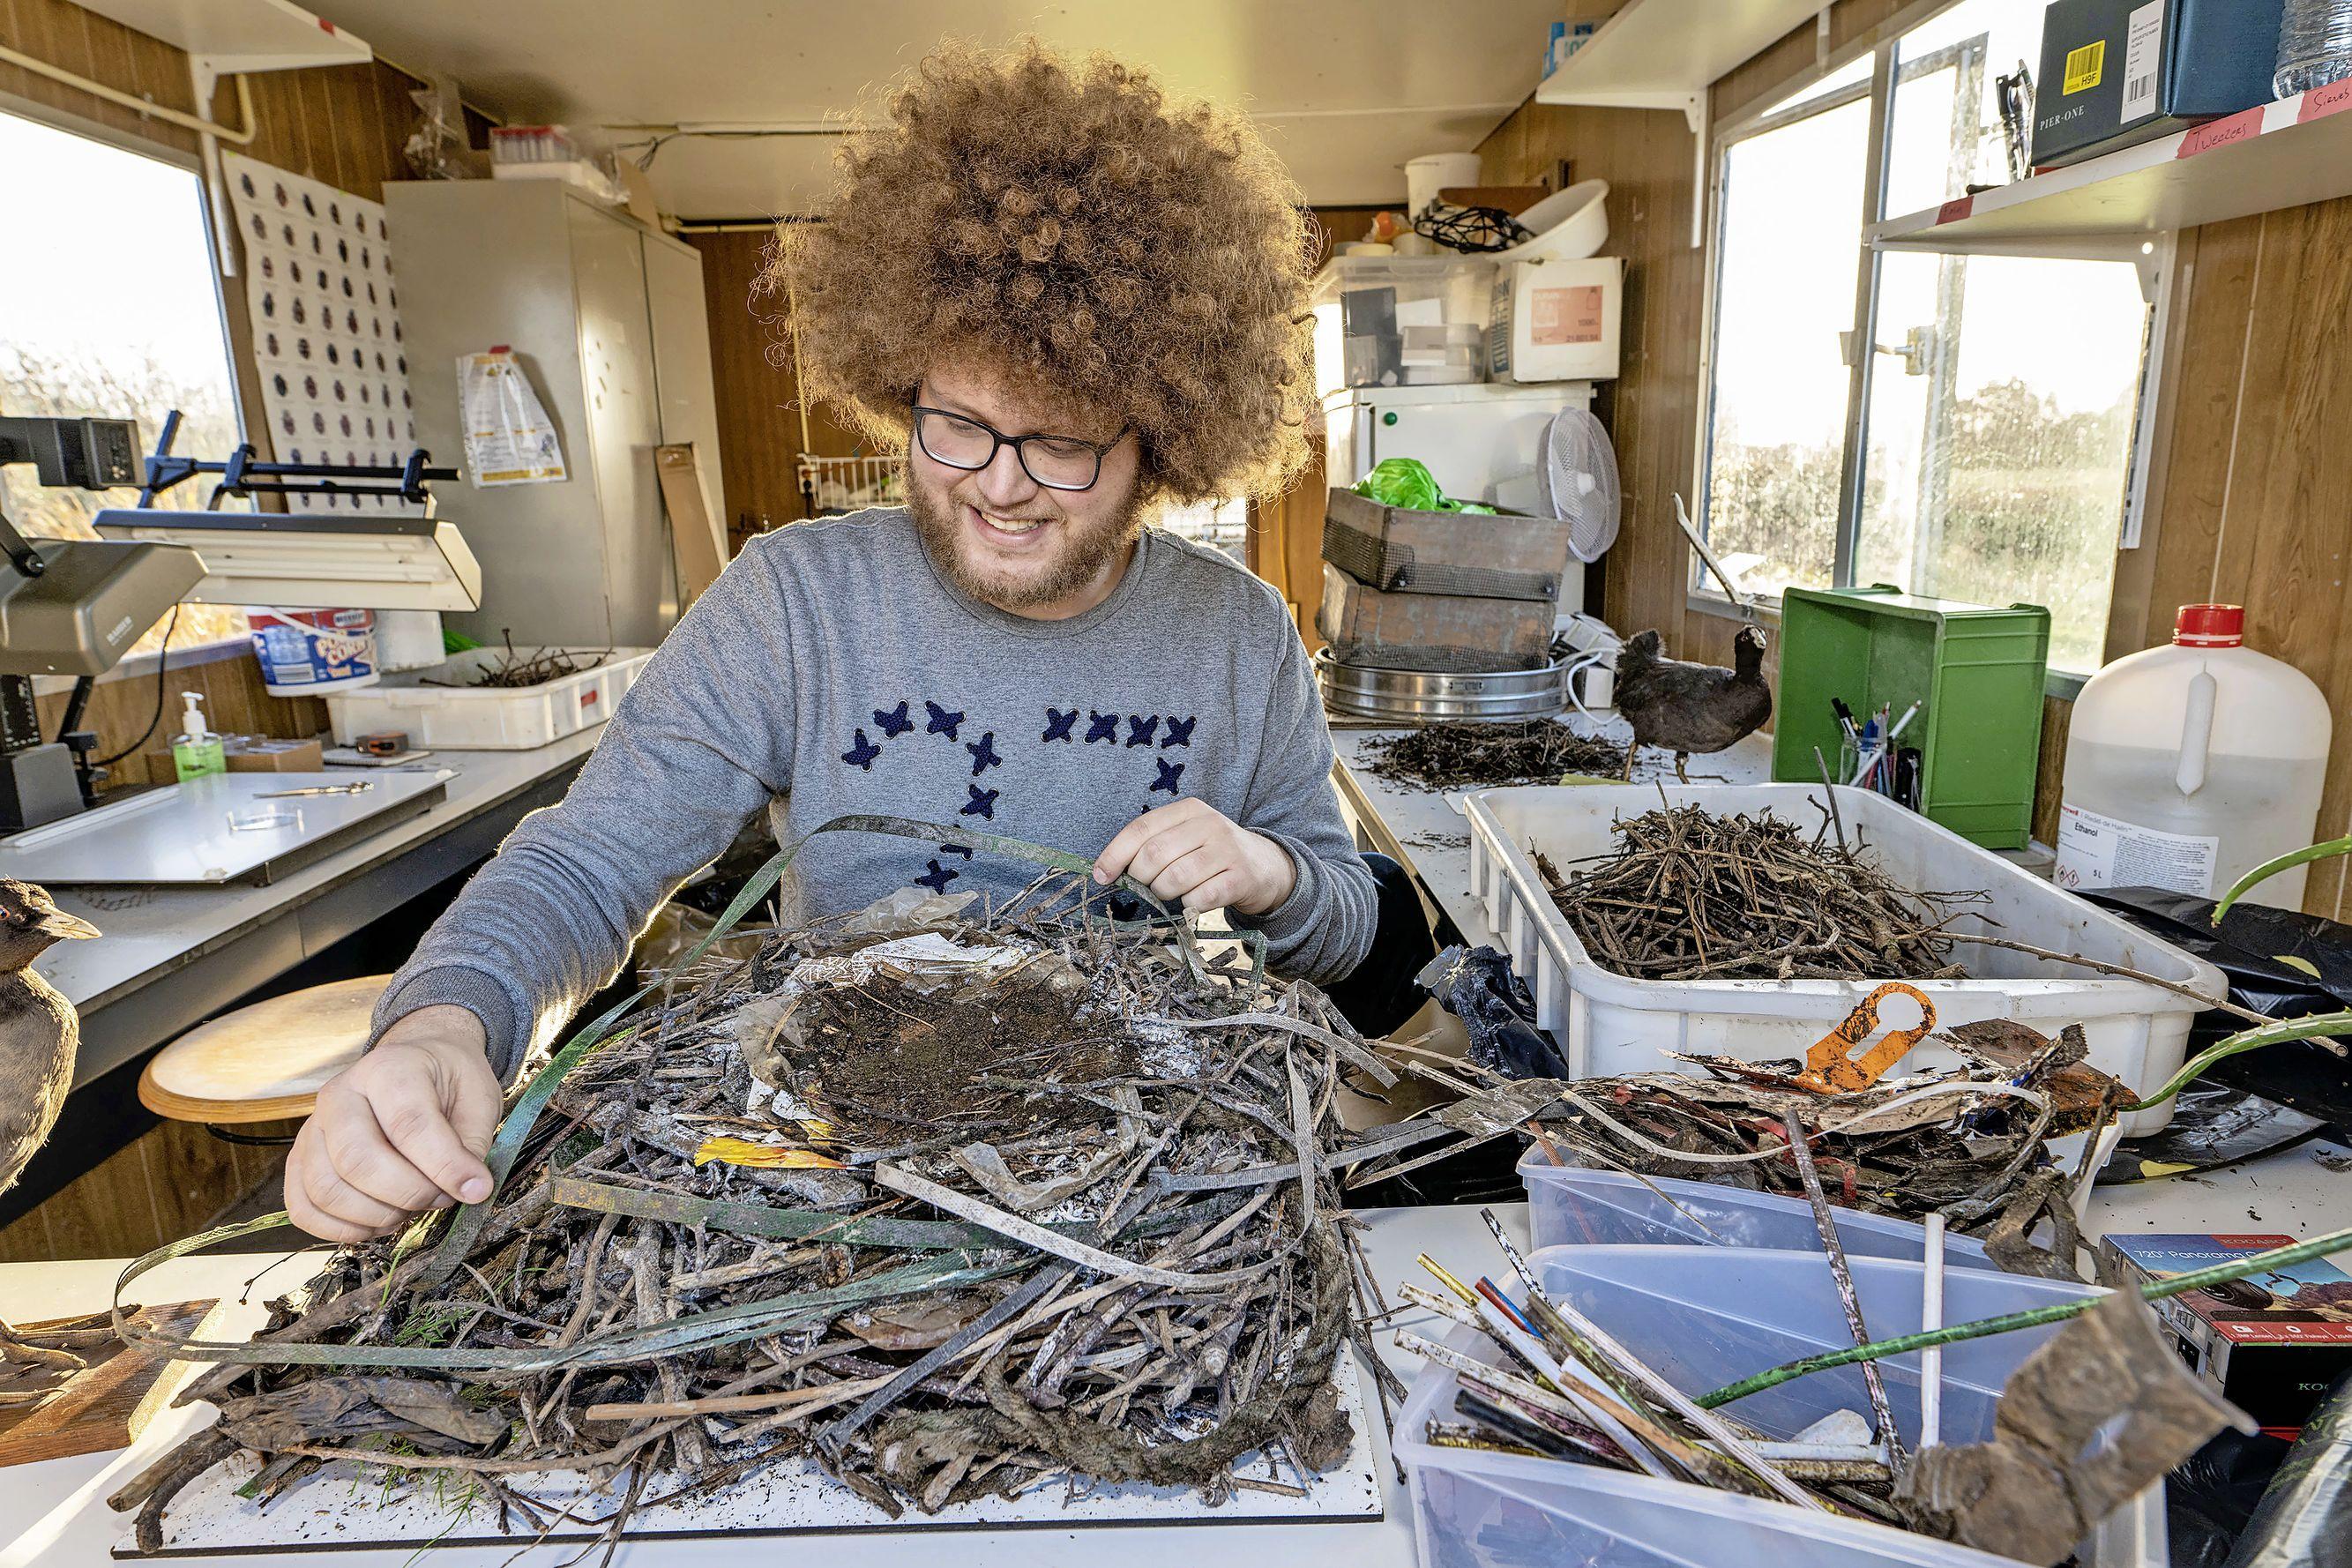 Plastic afval is aantrekkelijk - Watervogels trekken naar de stad, maar vinden weinig nestmateriaal